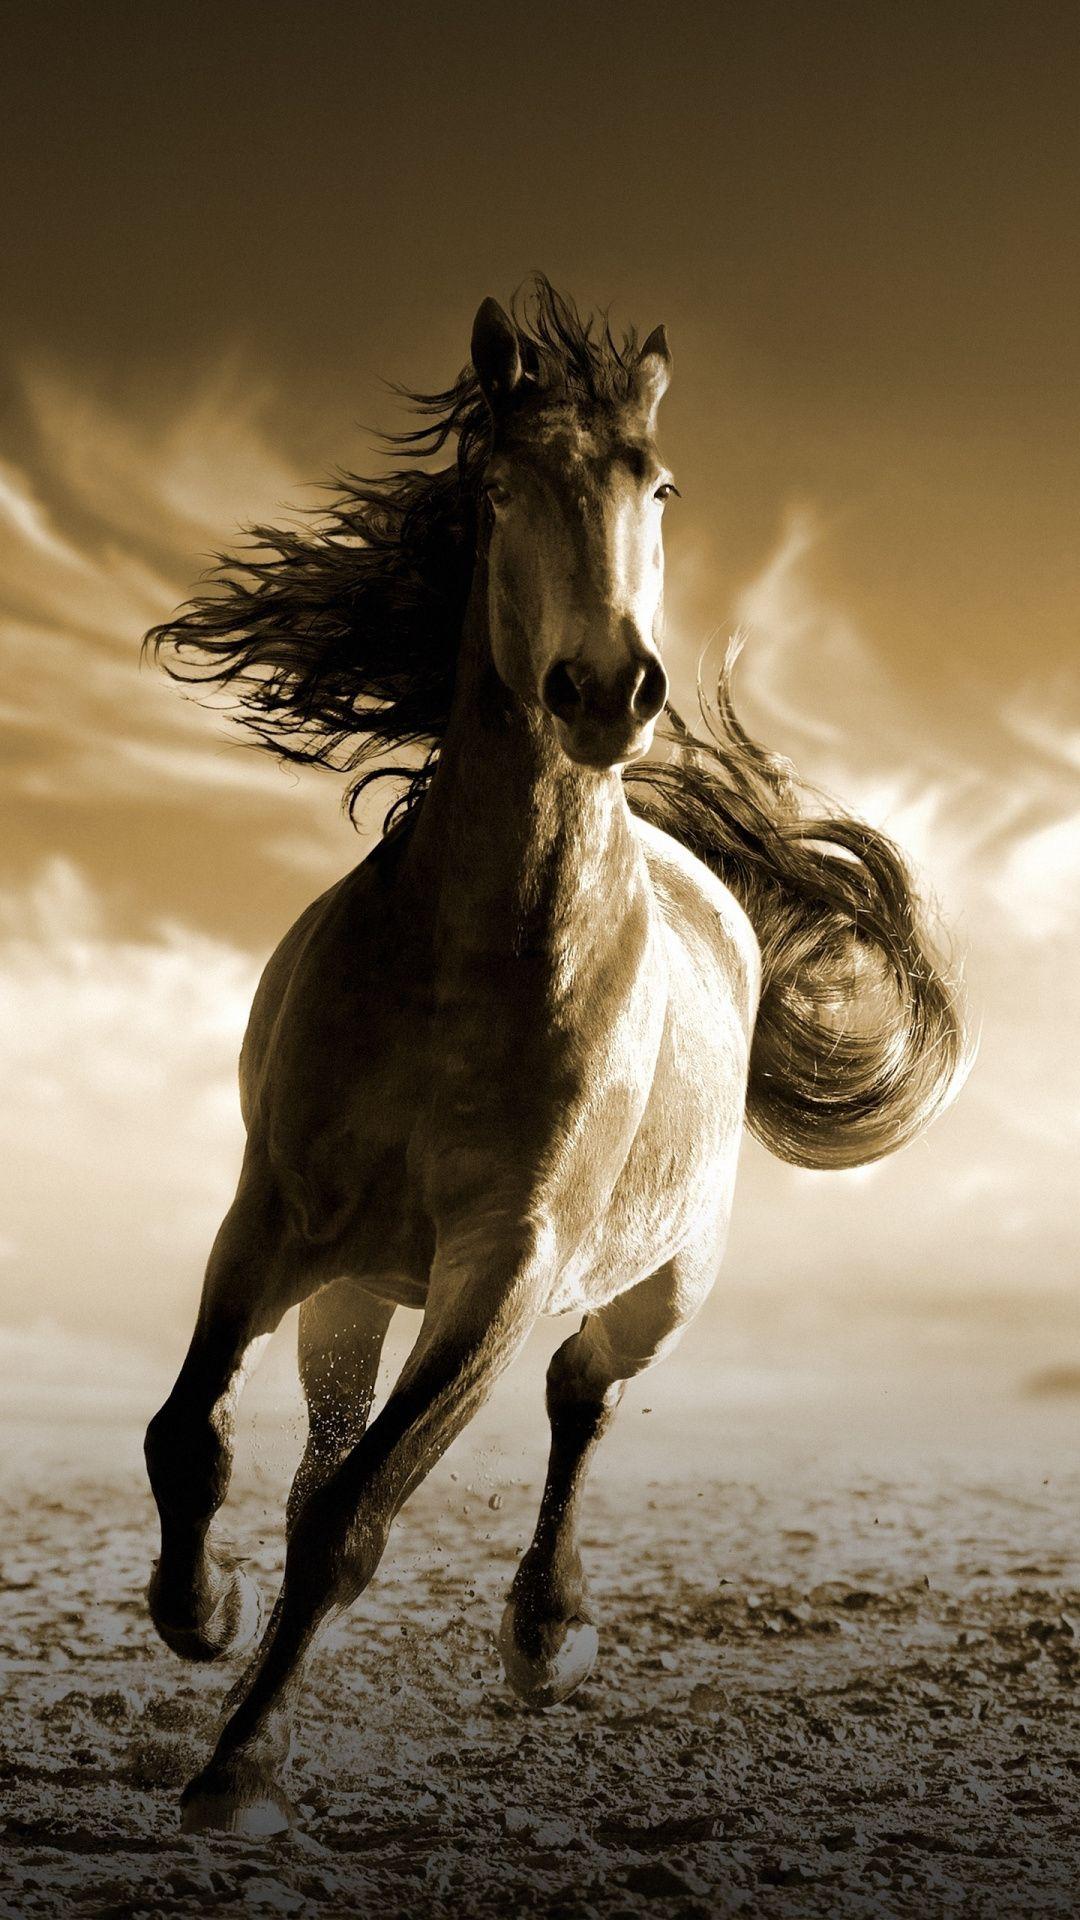 Horse Wallpaper Hd Horse Wallpaper Horses Pretty Horses